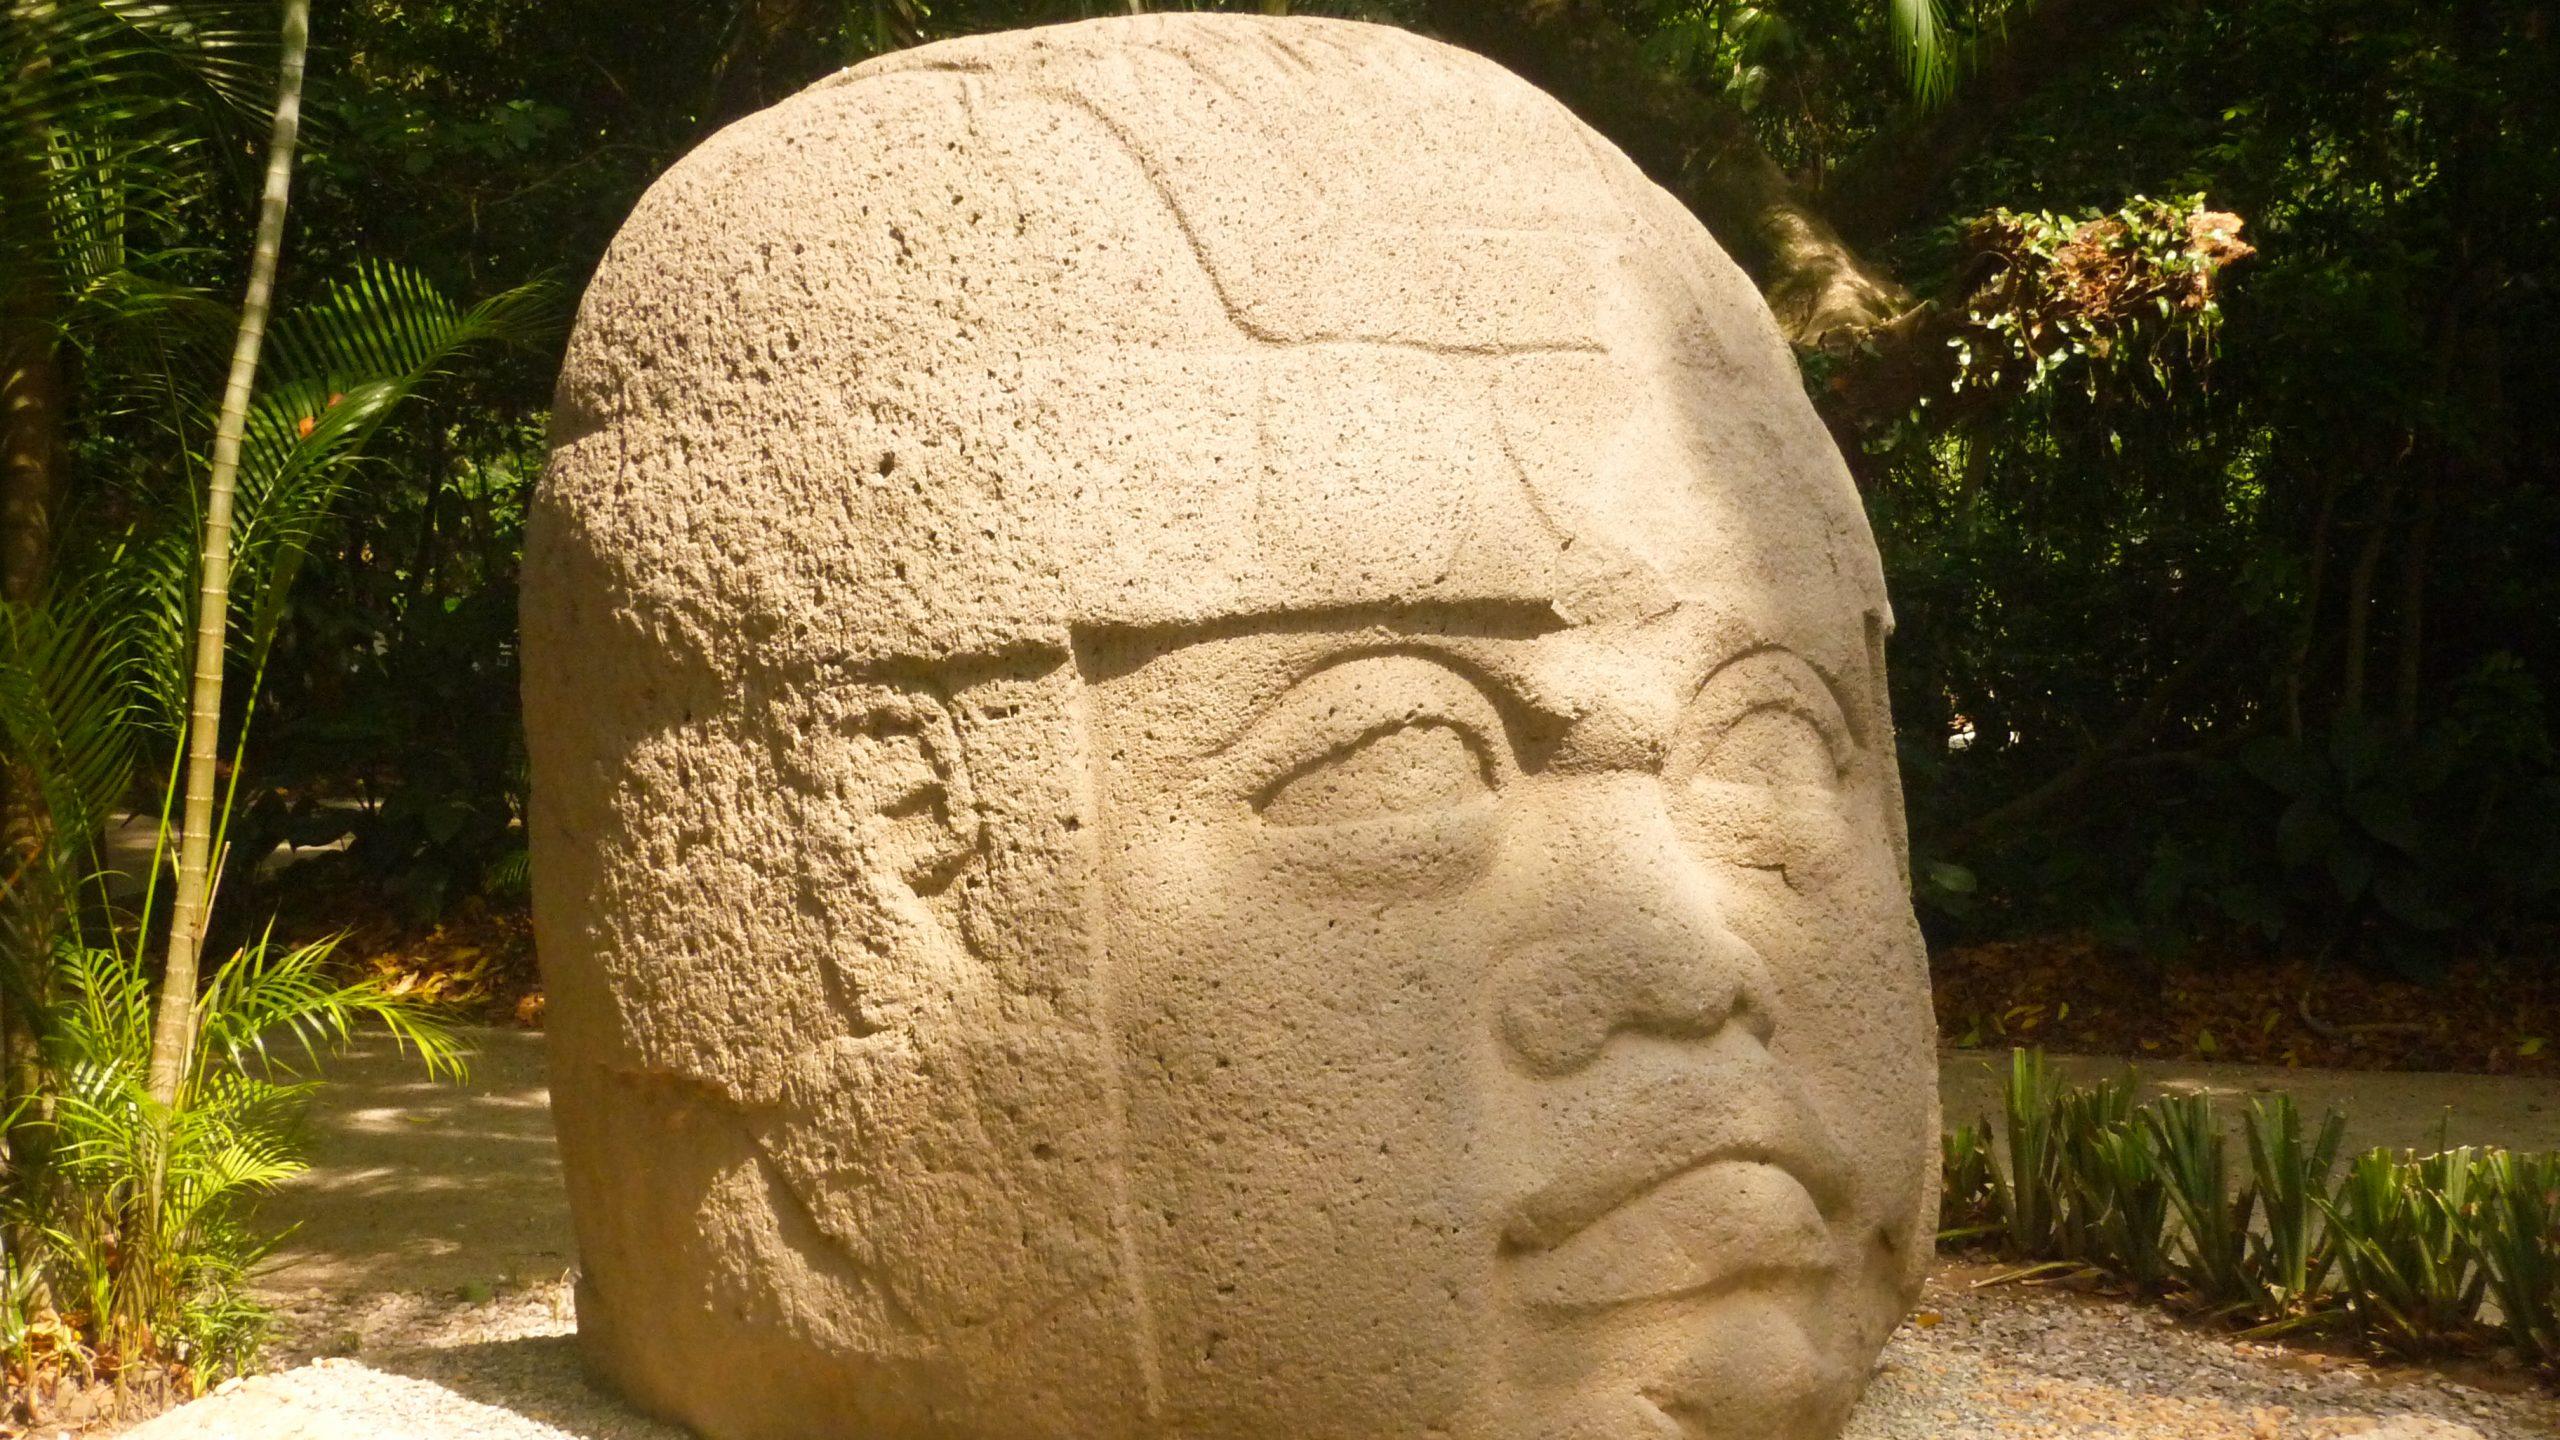 Milli Antropoloji Müzesi scaled - Meksiko'yu 10 Mekanla Tanımak